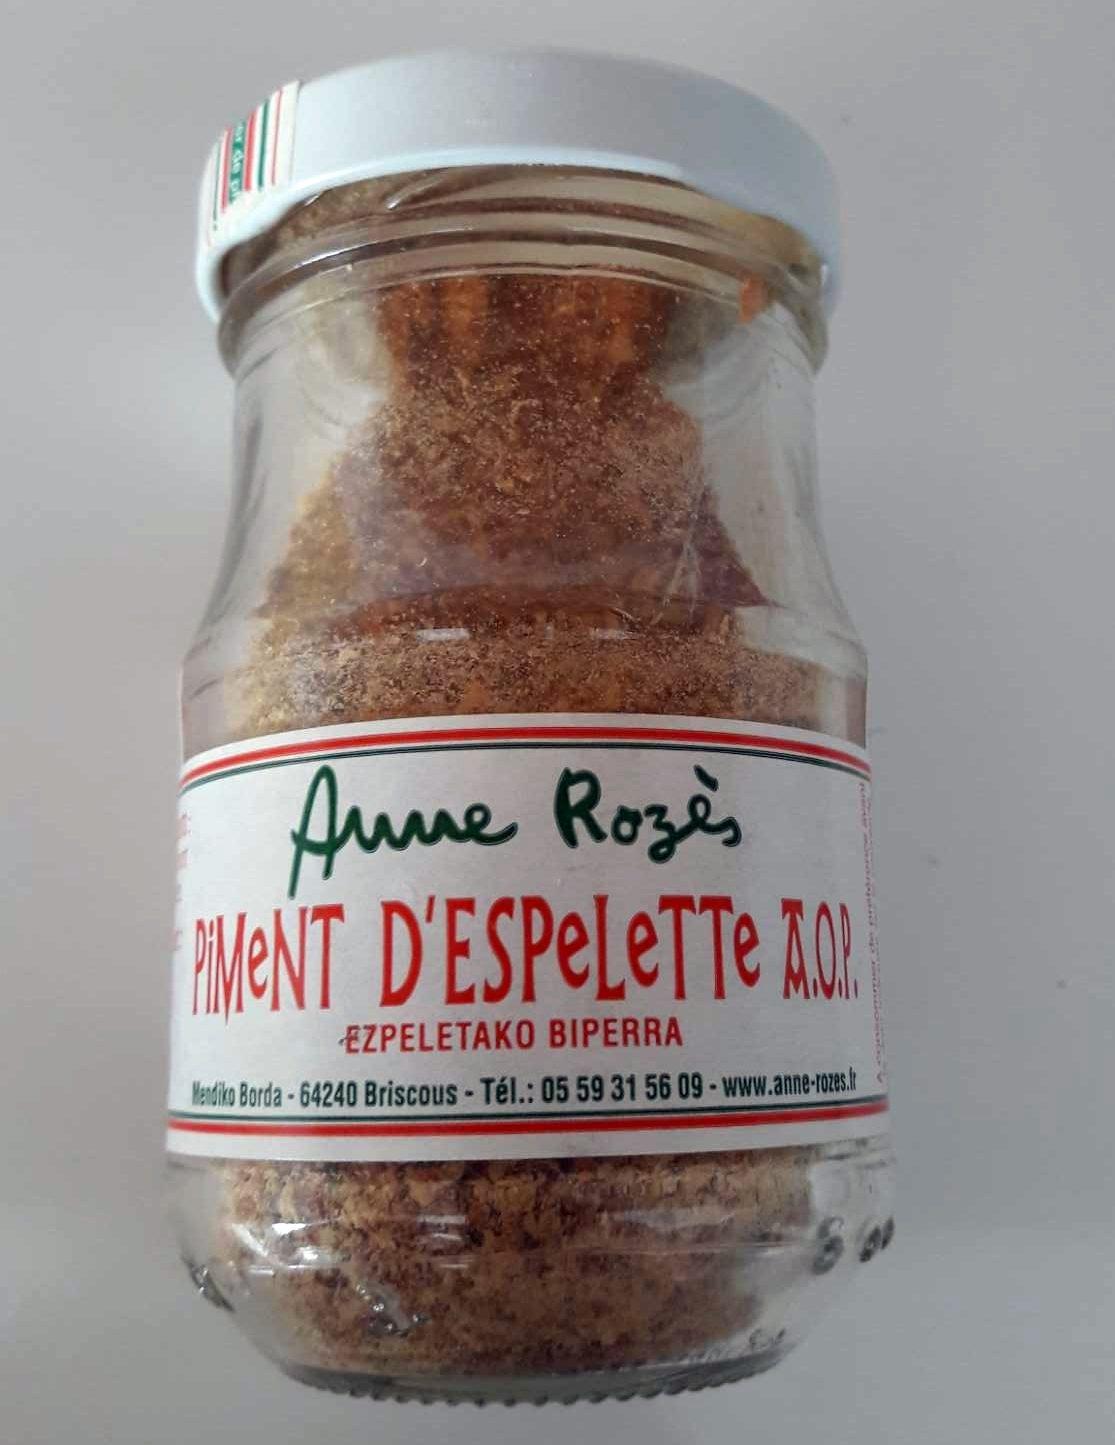 Piment d'Espelette AOC ANNE ROZES - Product